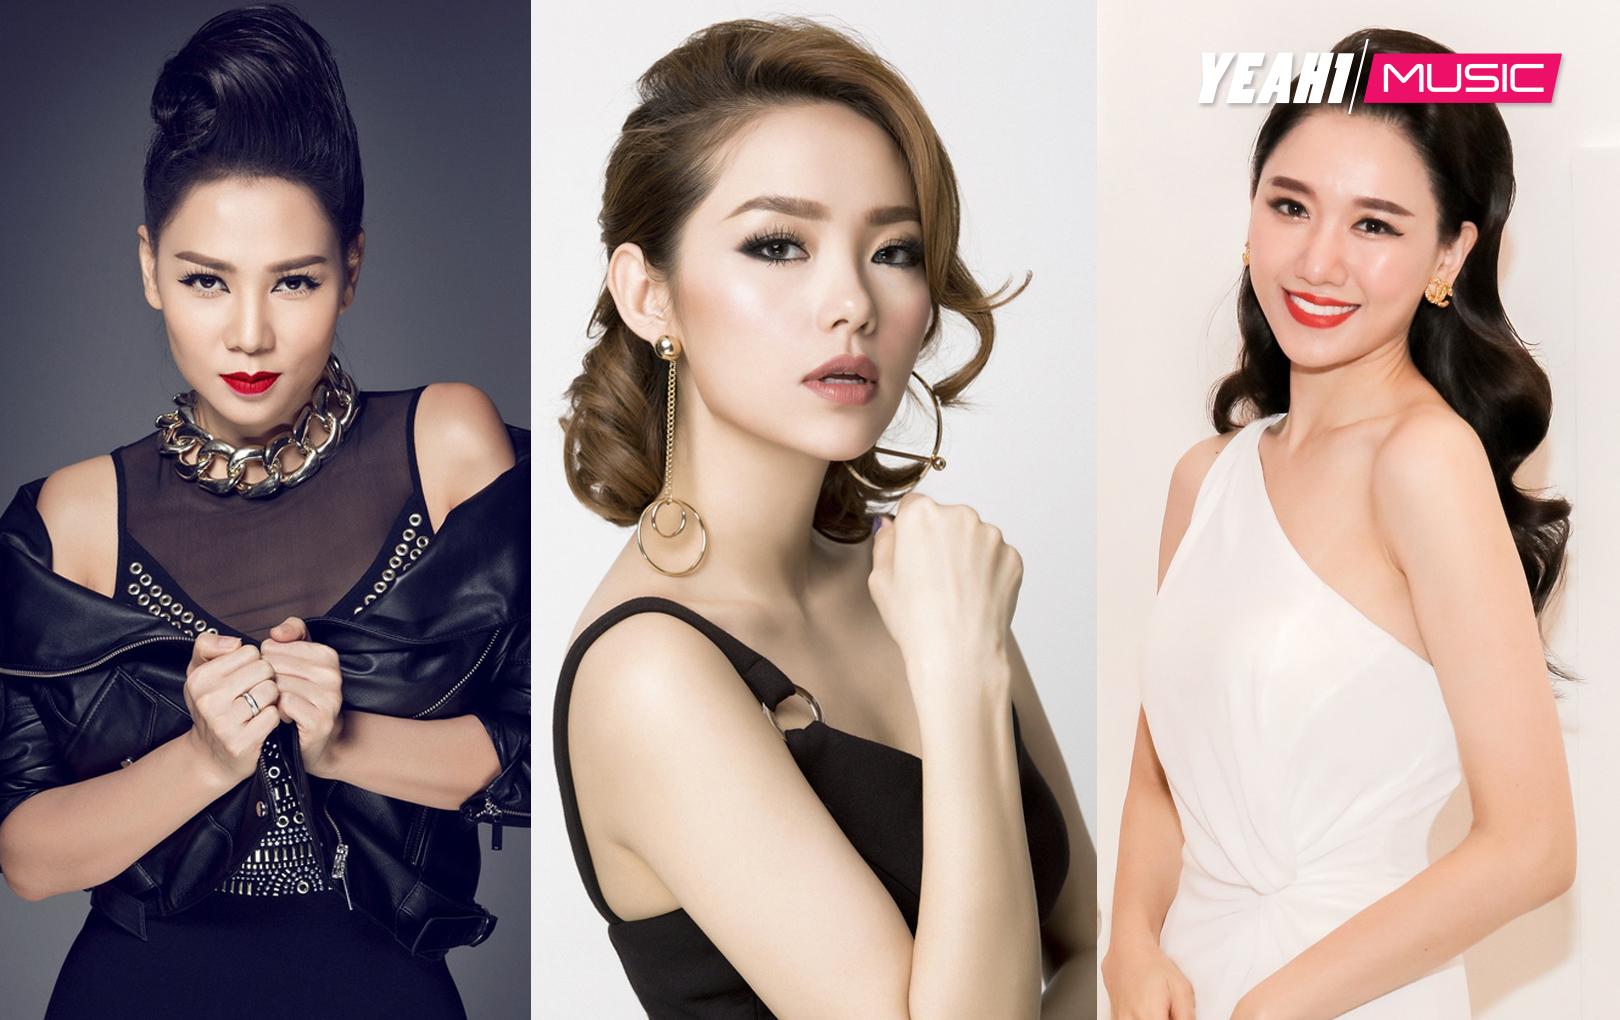 Giữa tâm bão, Yeah1 Music công bố quỹ đầu tư âm nhạc 30 tỷ hỗ trợ nghệ sĩ Việt Nam